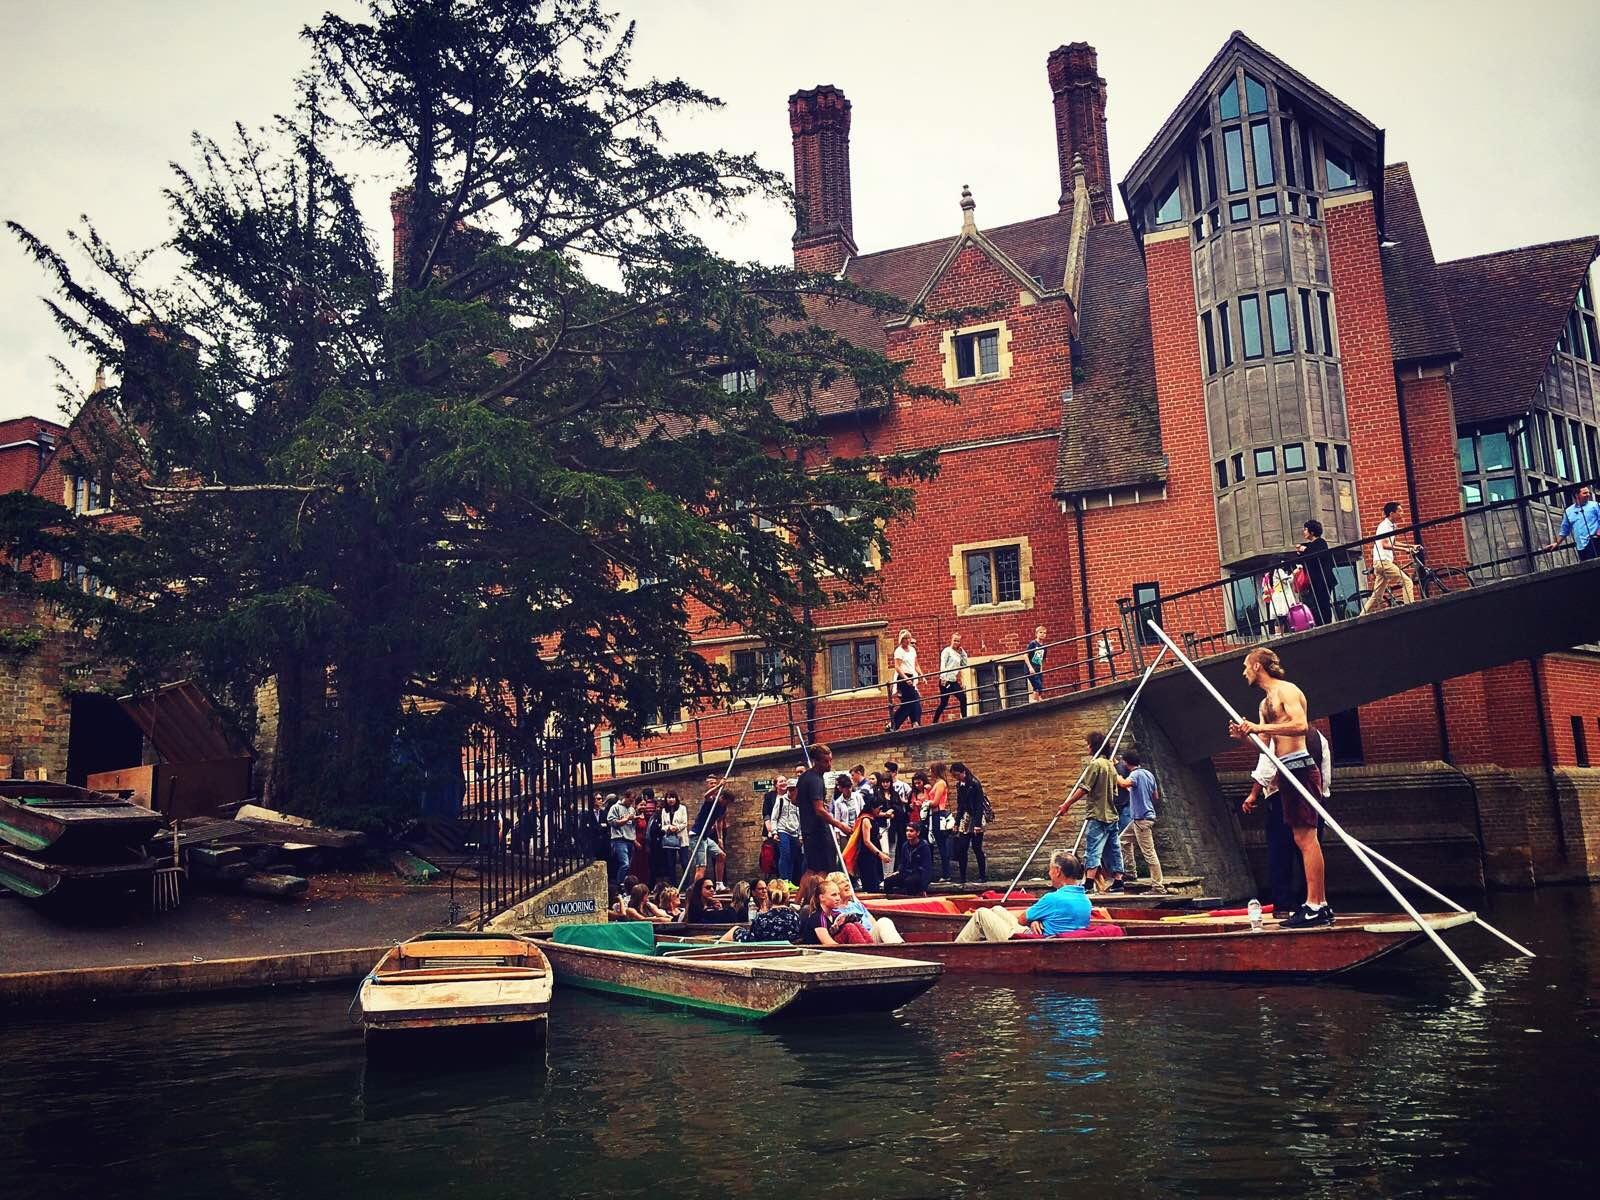 剑桥 剑桥游船是一定要体验的,徜徉在这幽幽河岸中,环顾两岸风景